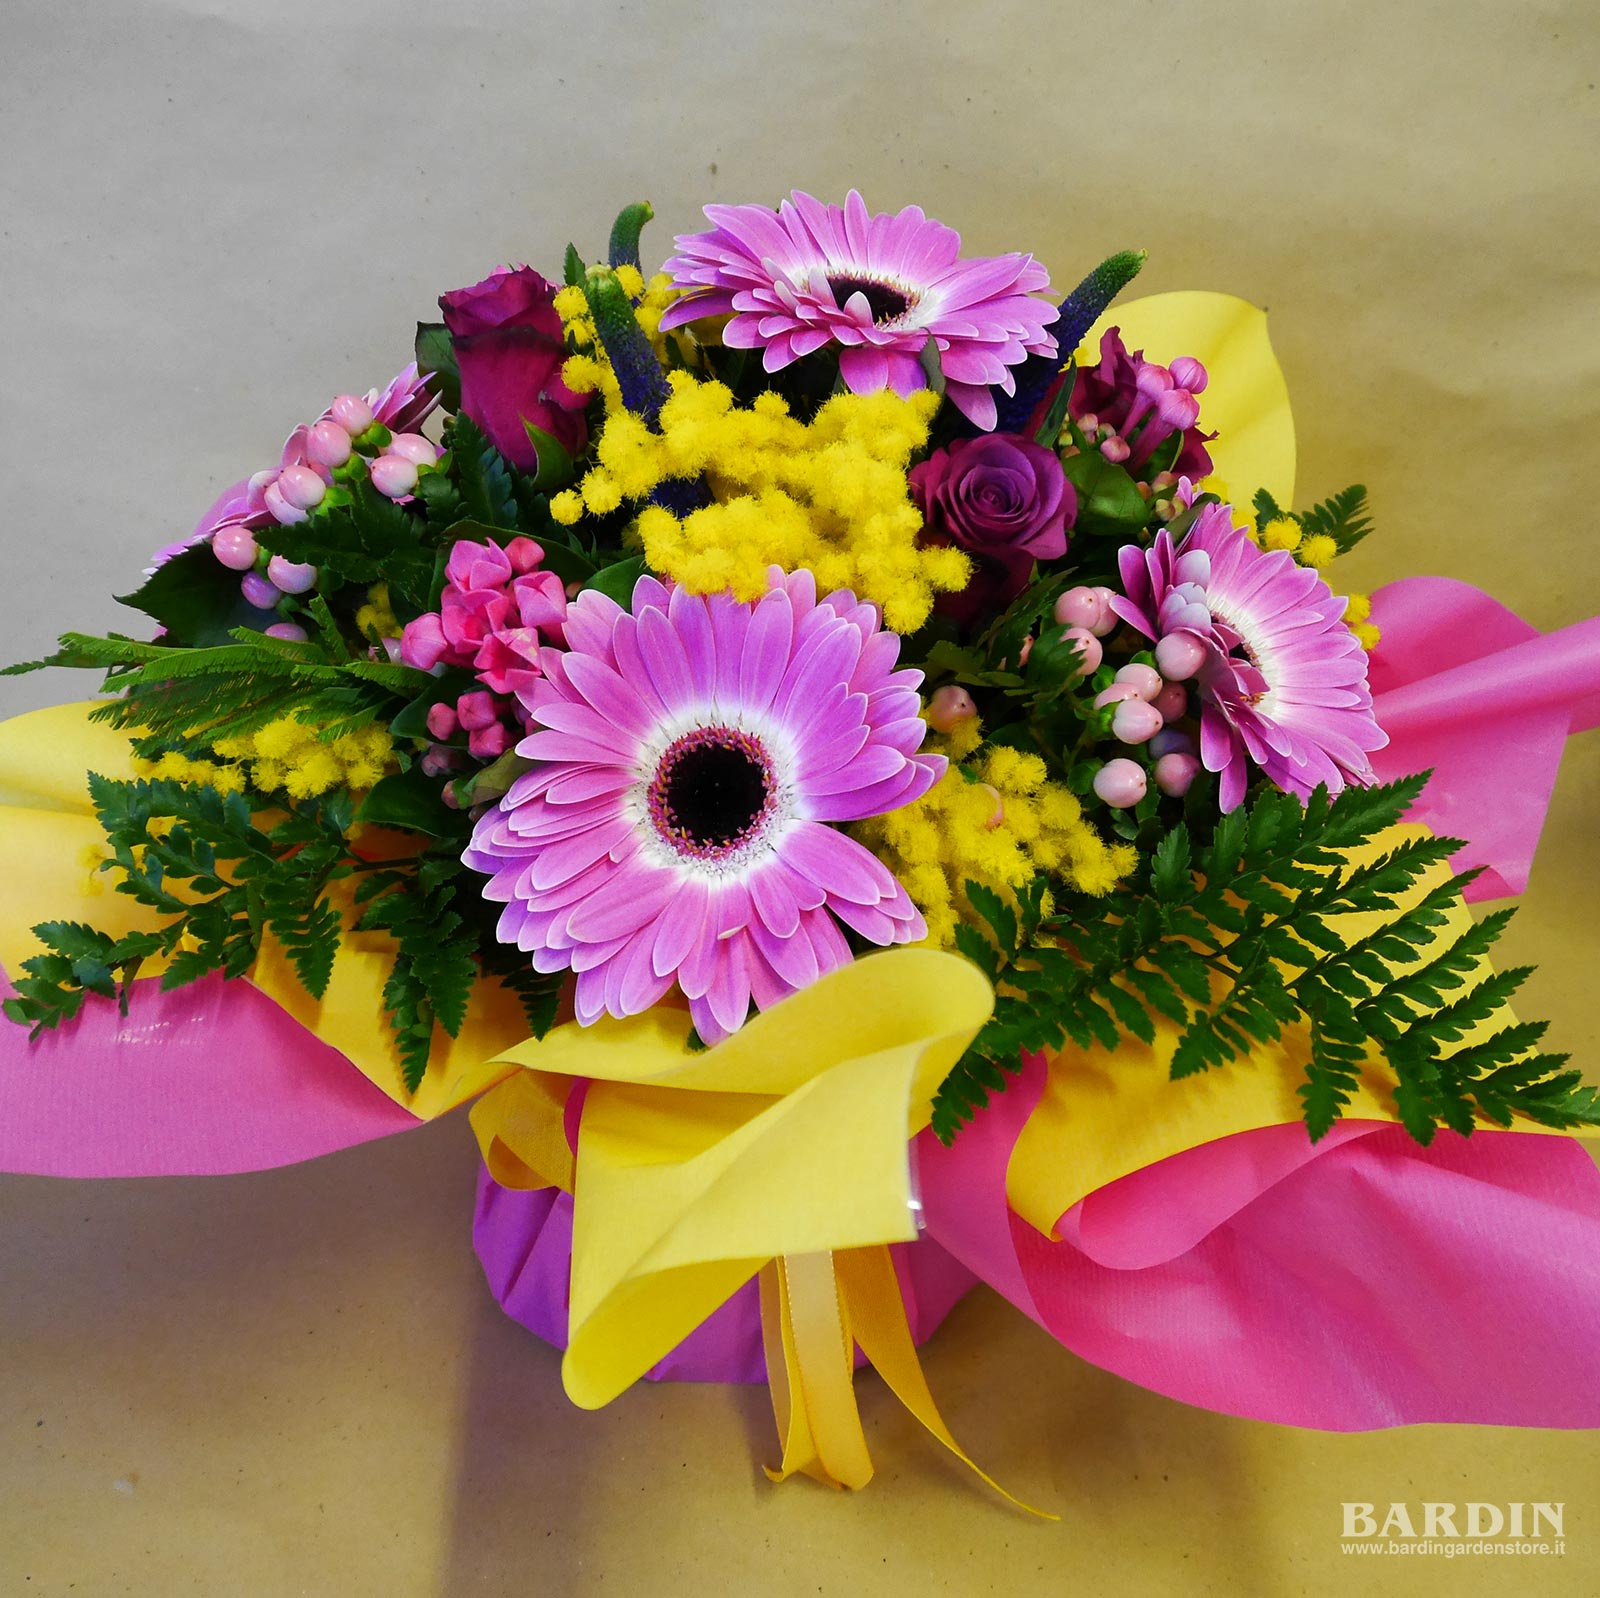 Mazzo Di Fiori Con Mimose.Bouquet Mazzo Di Fiori Misti Con Mimosa Eshop Bardin Gardencenter